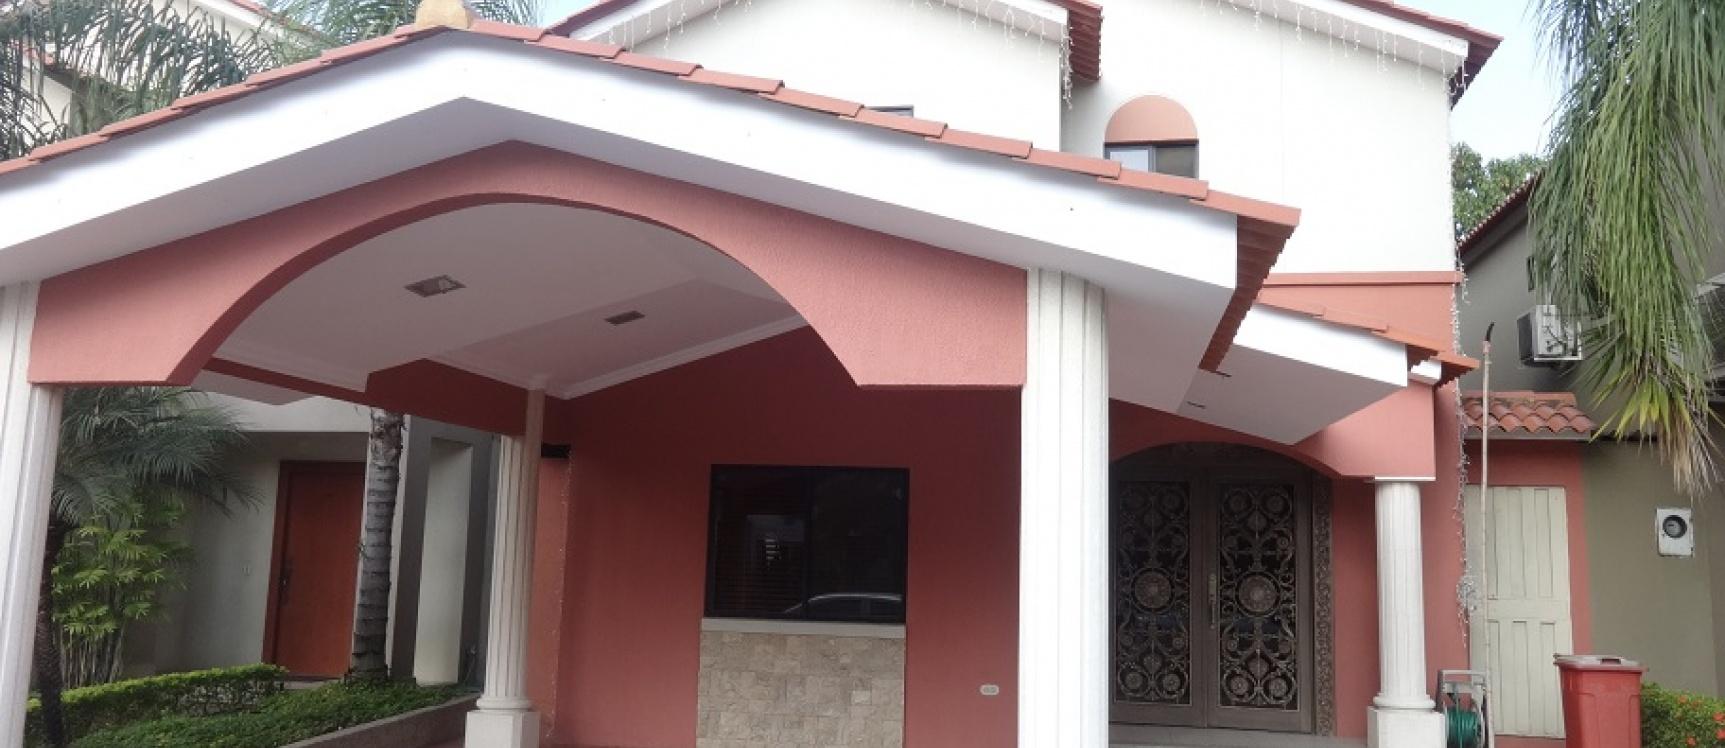 Ciudad celeste en venta casa amoblada y decorada en for Casas con piscina guayaquil